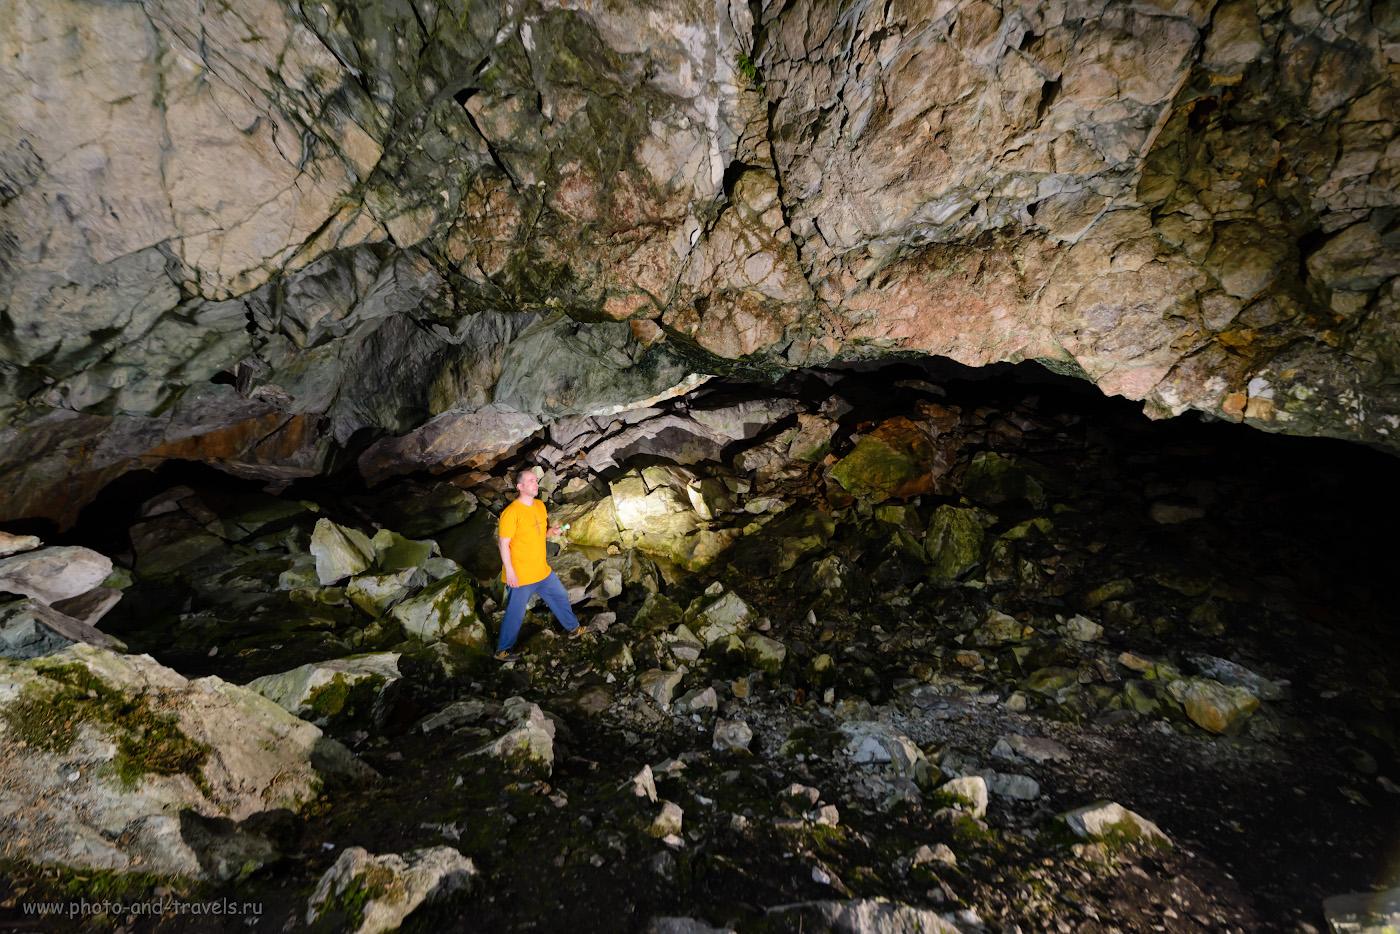 Пример съемки портрета в пещере с освещением от двух Yongnuo YN-685 и управлением от синхронизатора YN-622N-TX. Камера Nikon D610, объектив Samyang 14mm f/2,8. Настройки: 1/40, 5.6, 1250, -1.0, 14.